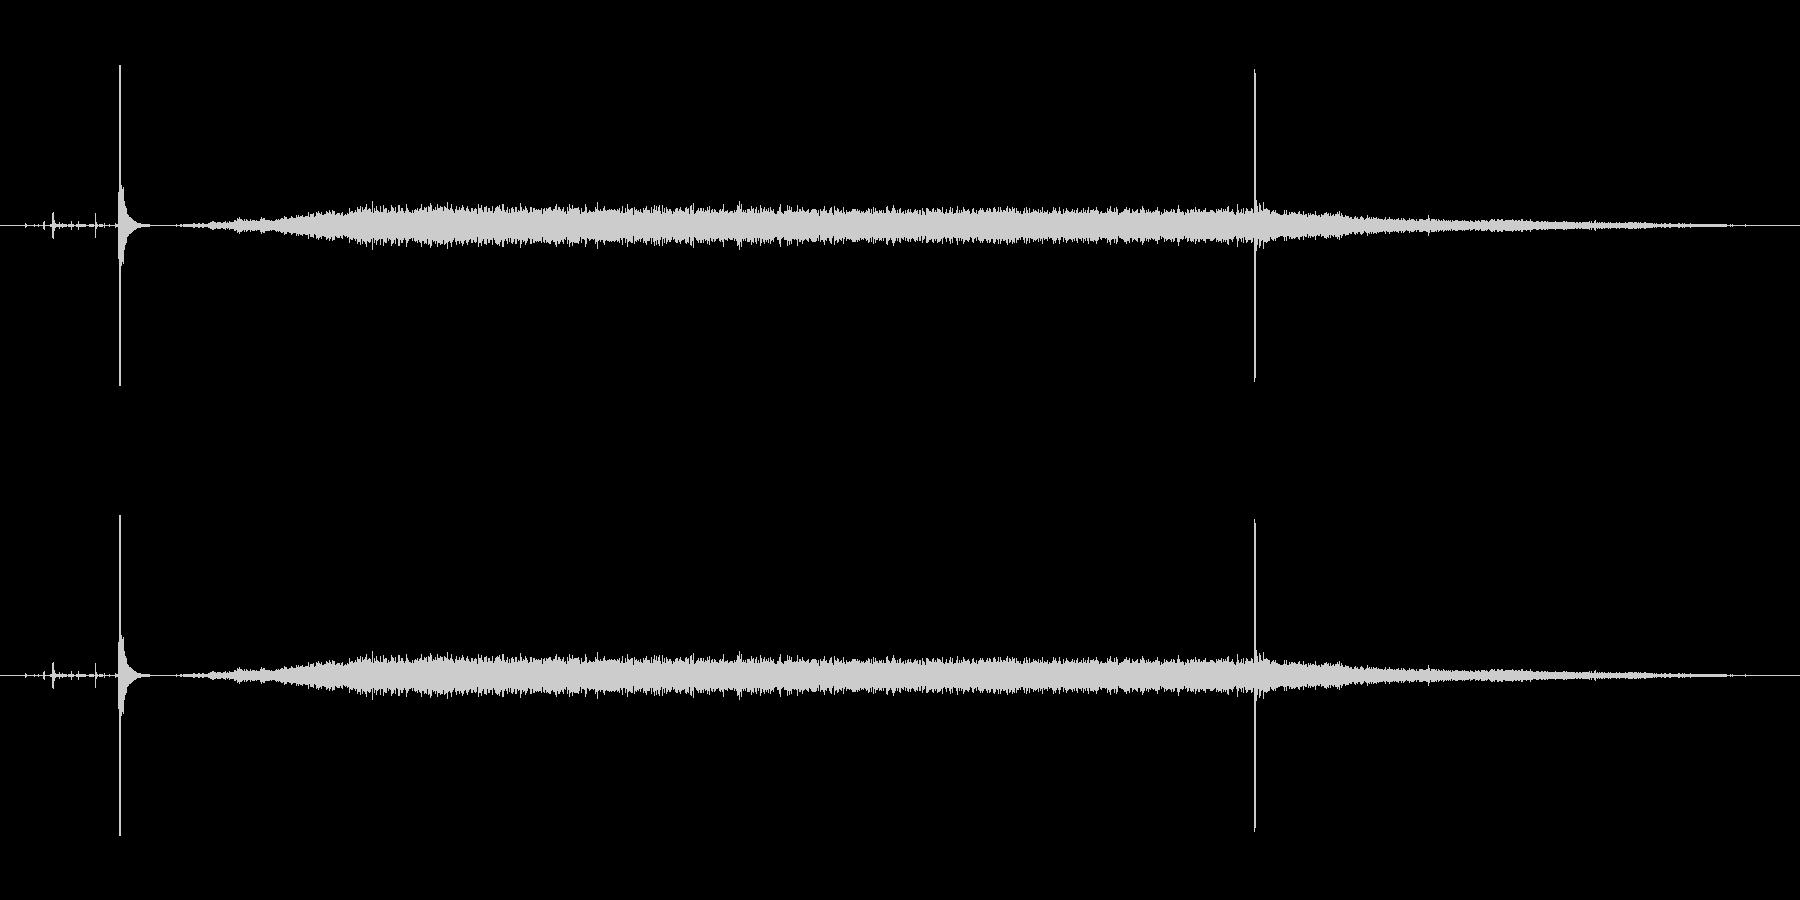 掃除機の動作音2の未再生の波形